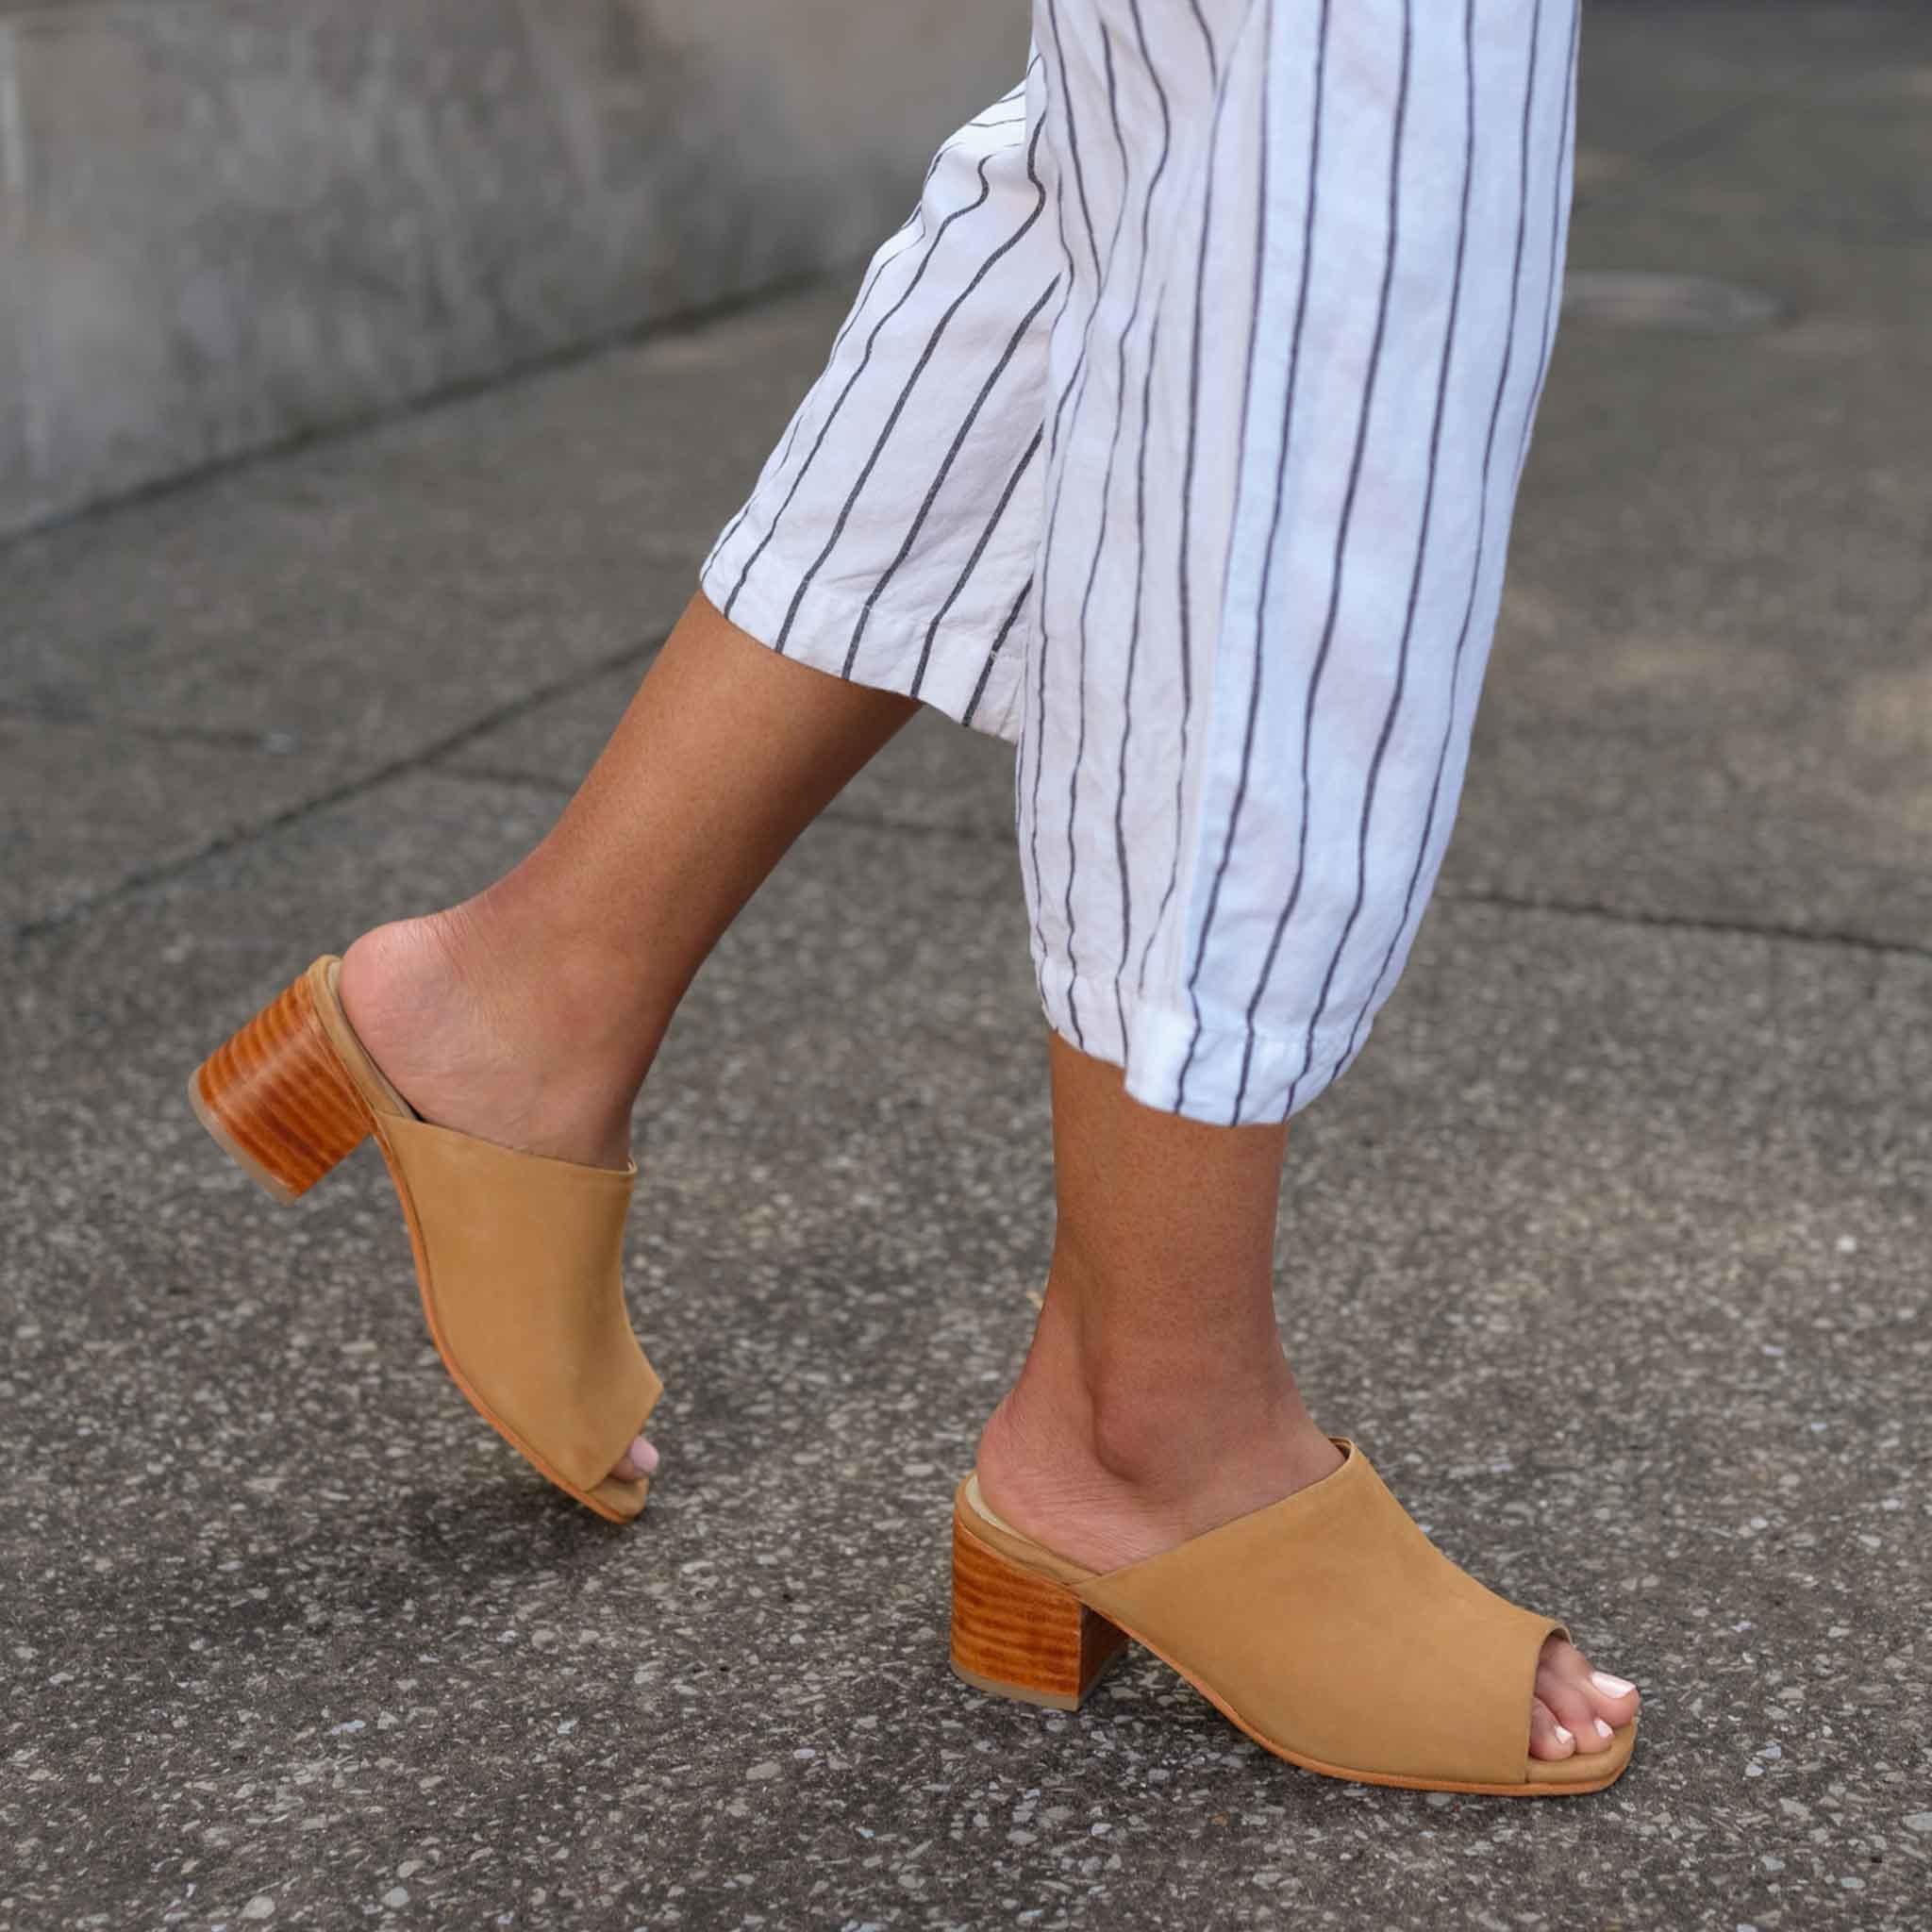 Model wearing beige open toed mules